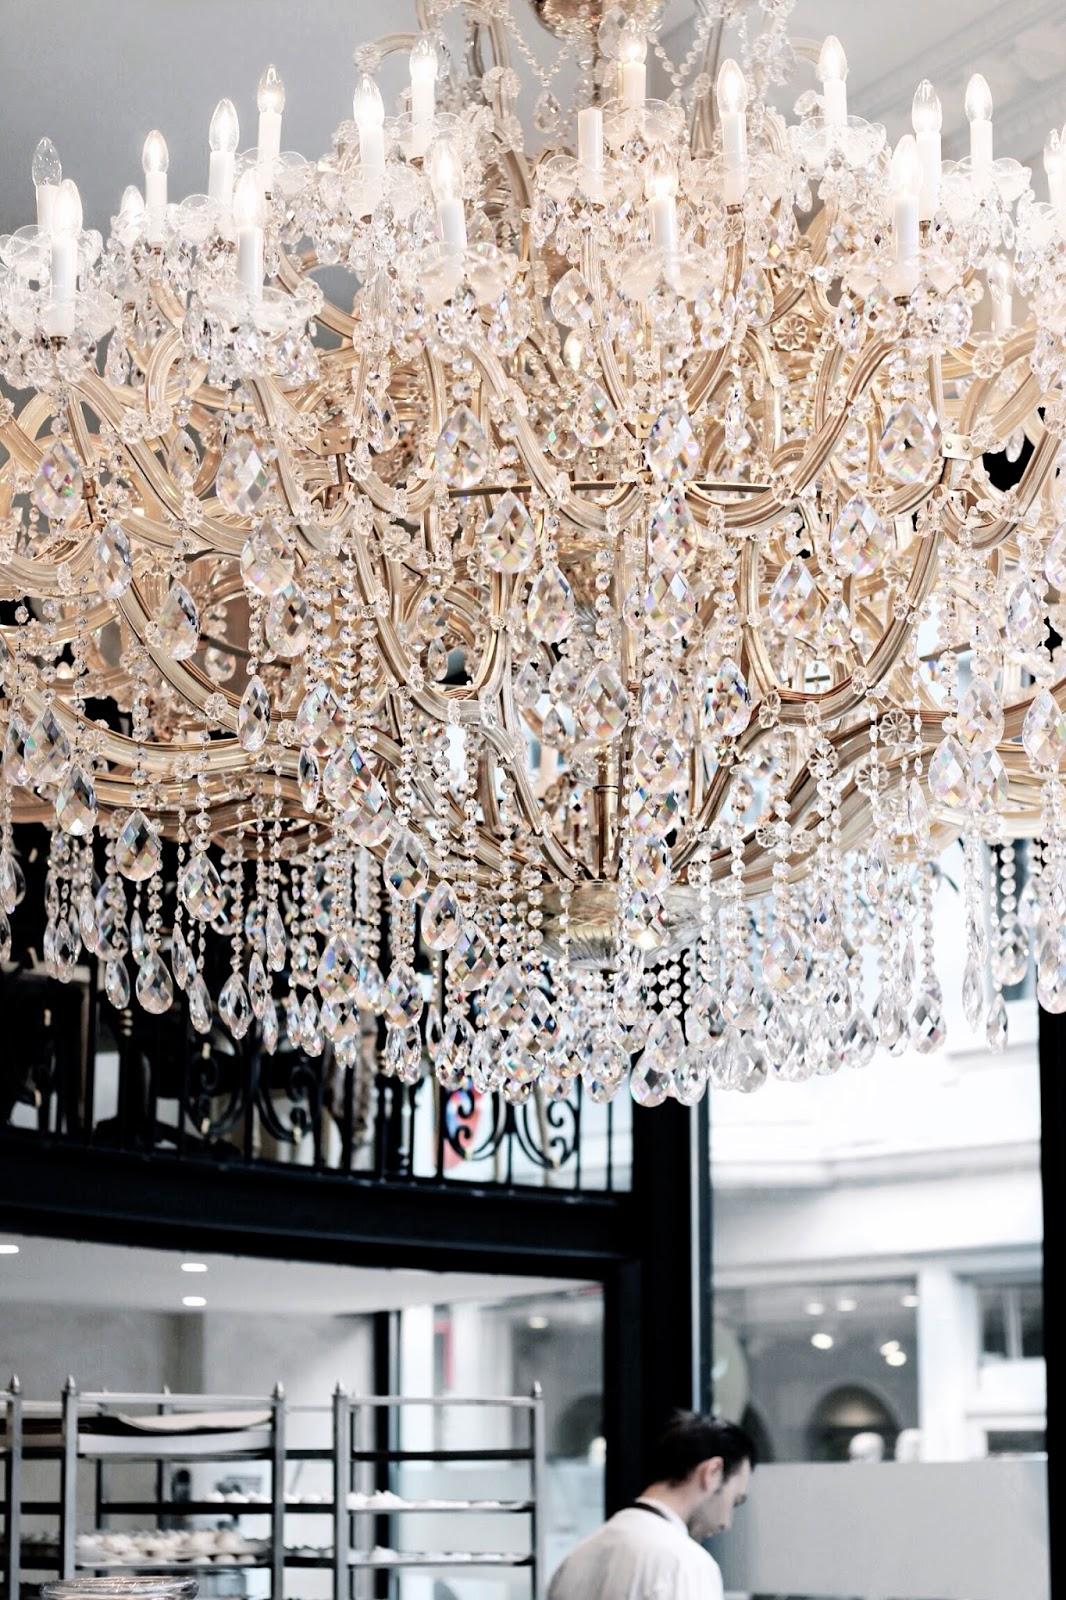 Elegant Cafe with Chandelier in Bruges Belgium